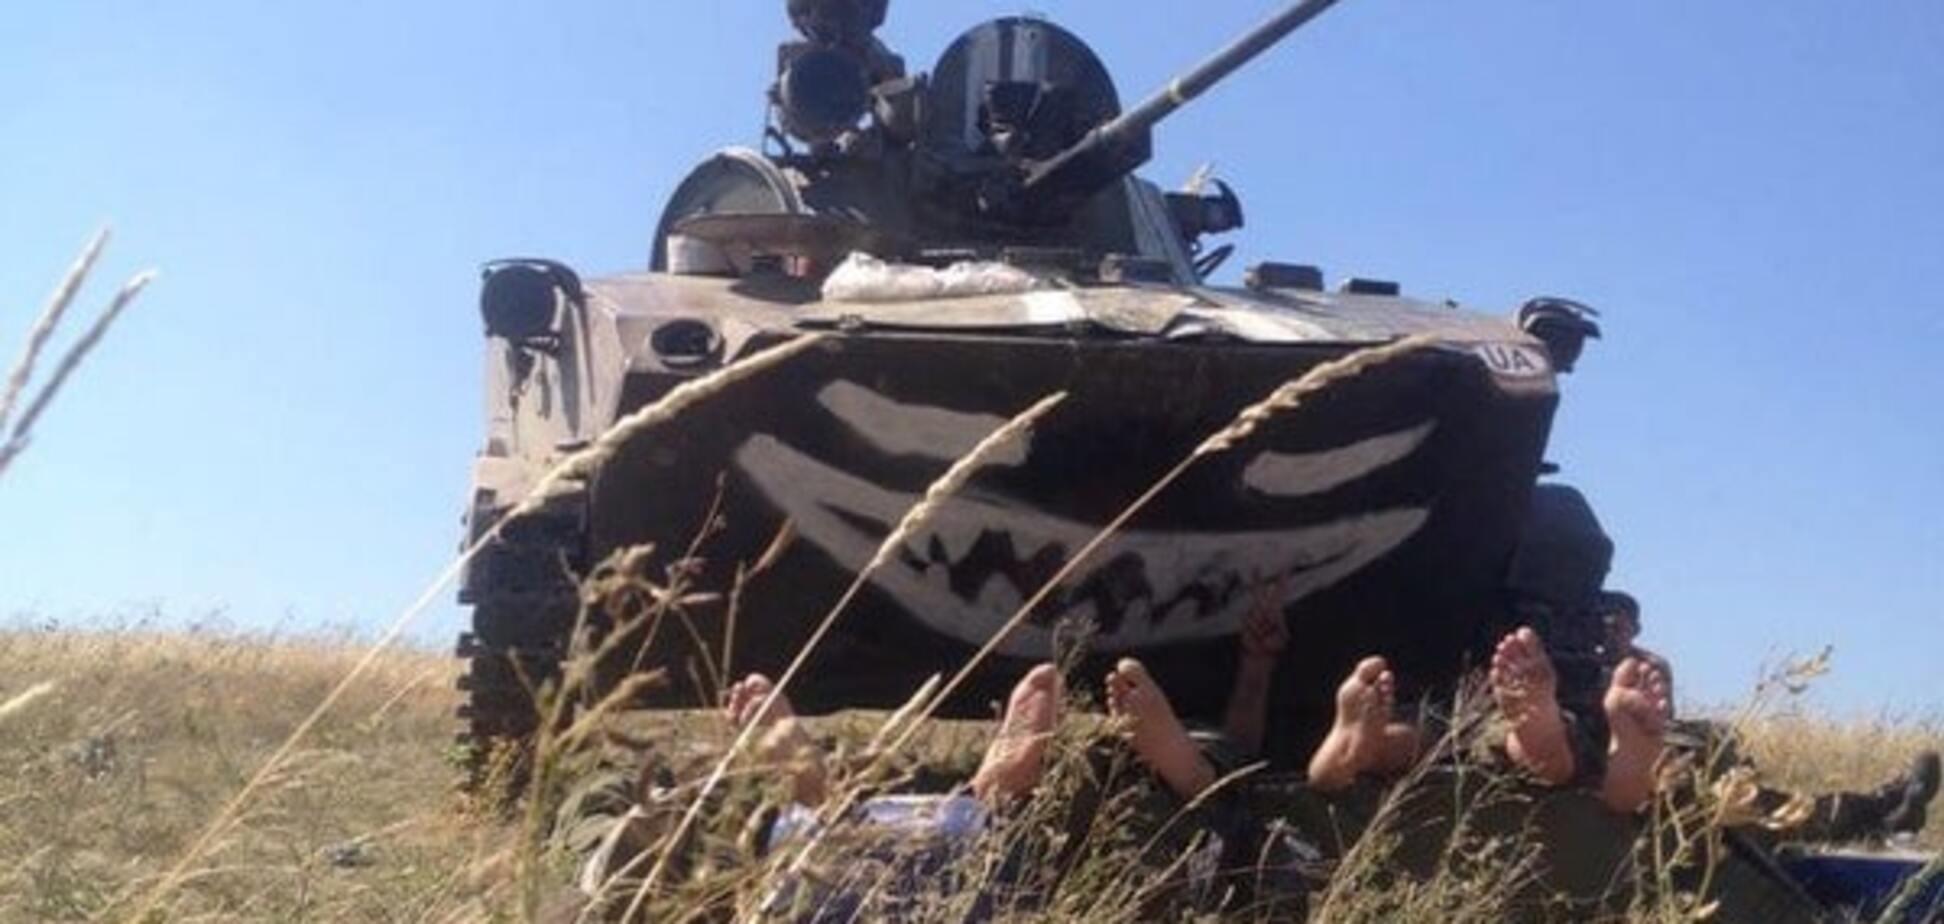 Ніхто, окрім нас: армія і АТО очима десантників